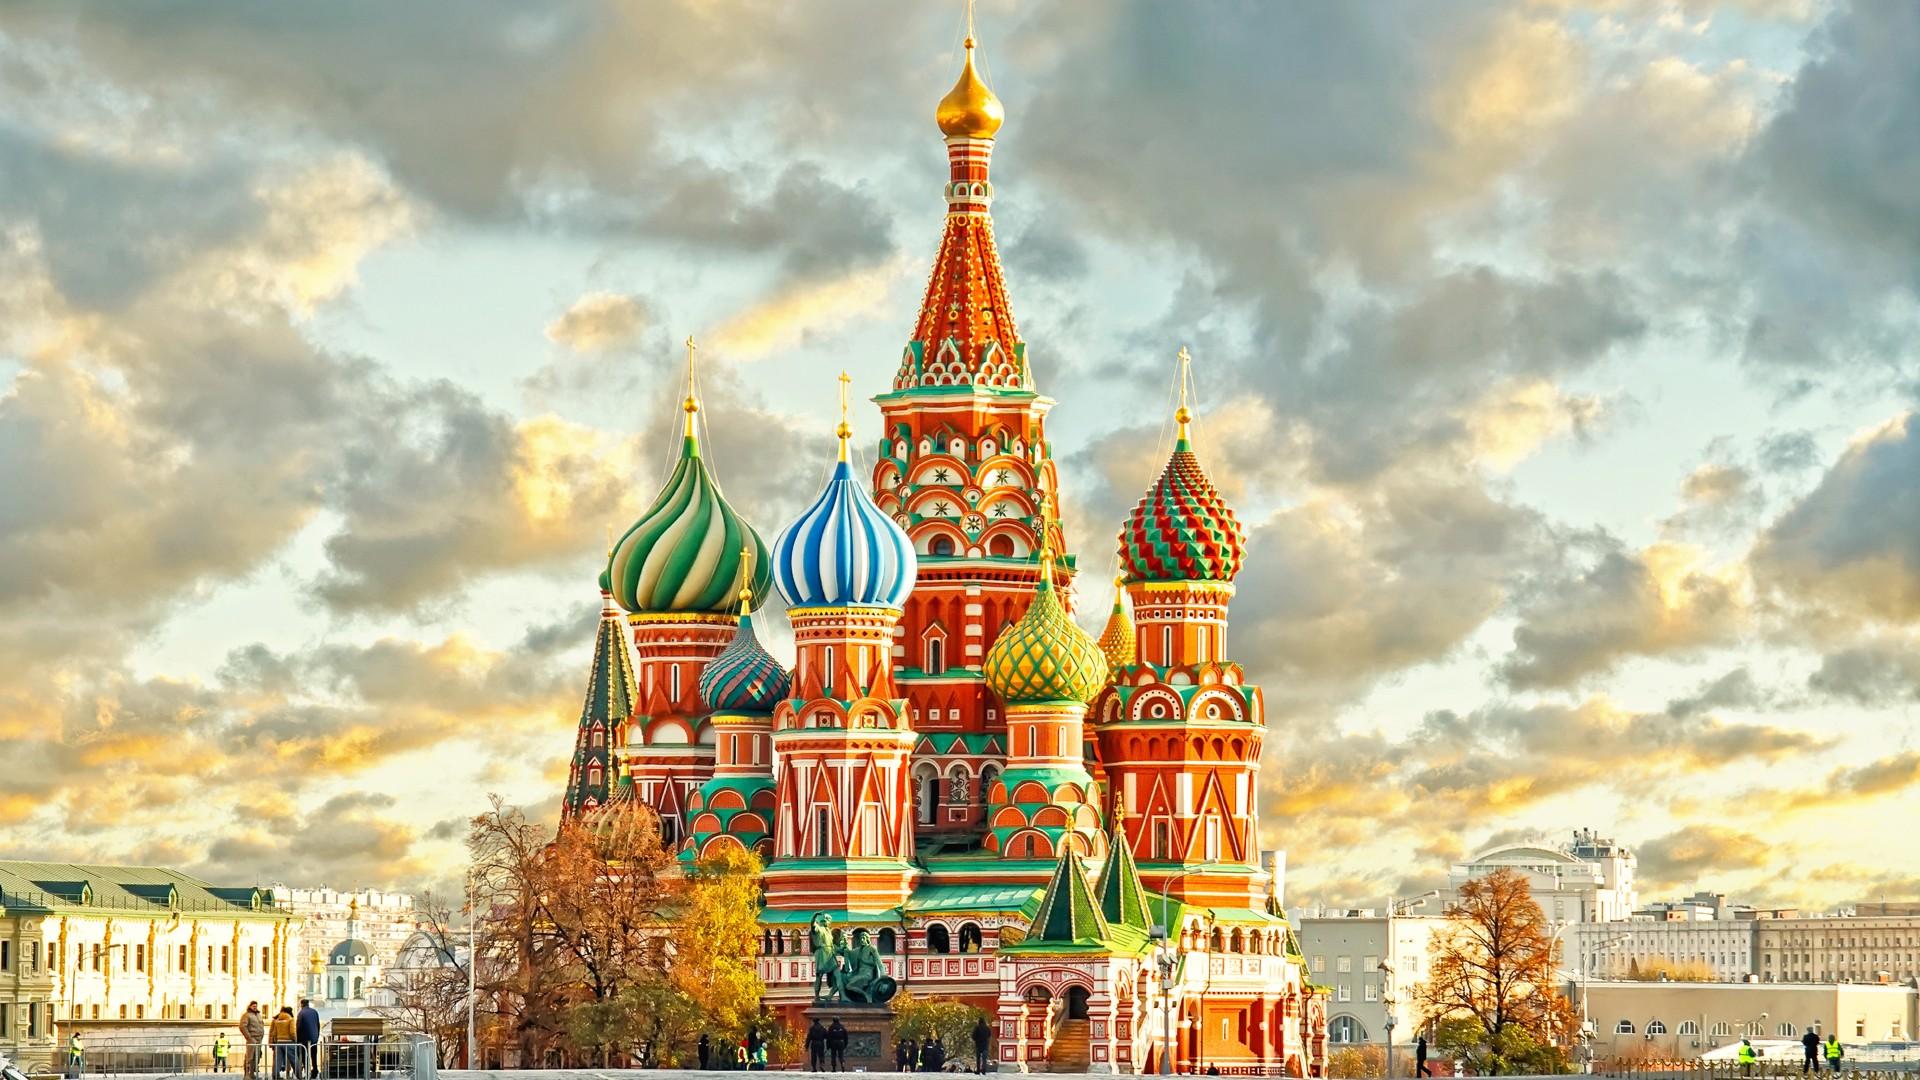 Москва попала в топ-10 городов мира которые нужно посетить в 2017 году